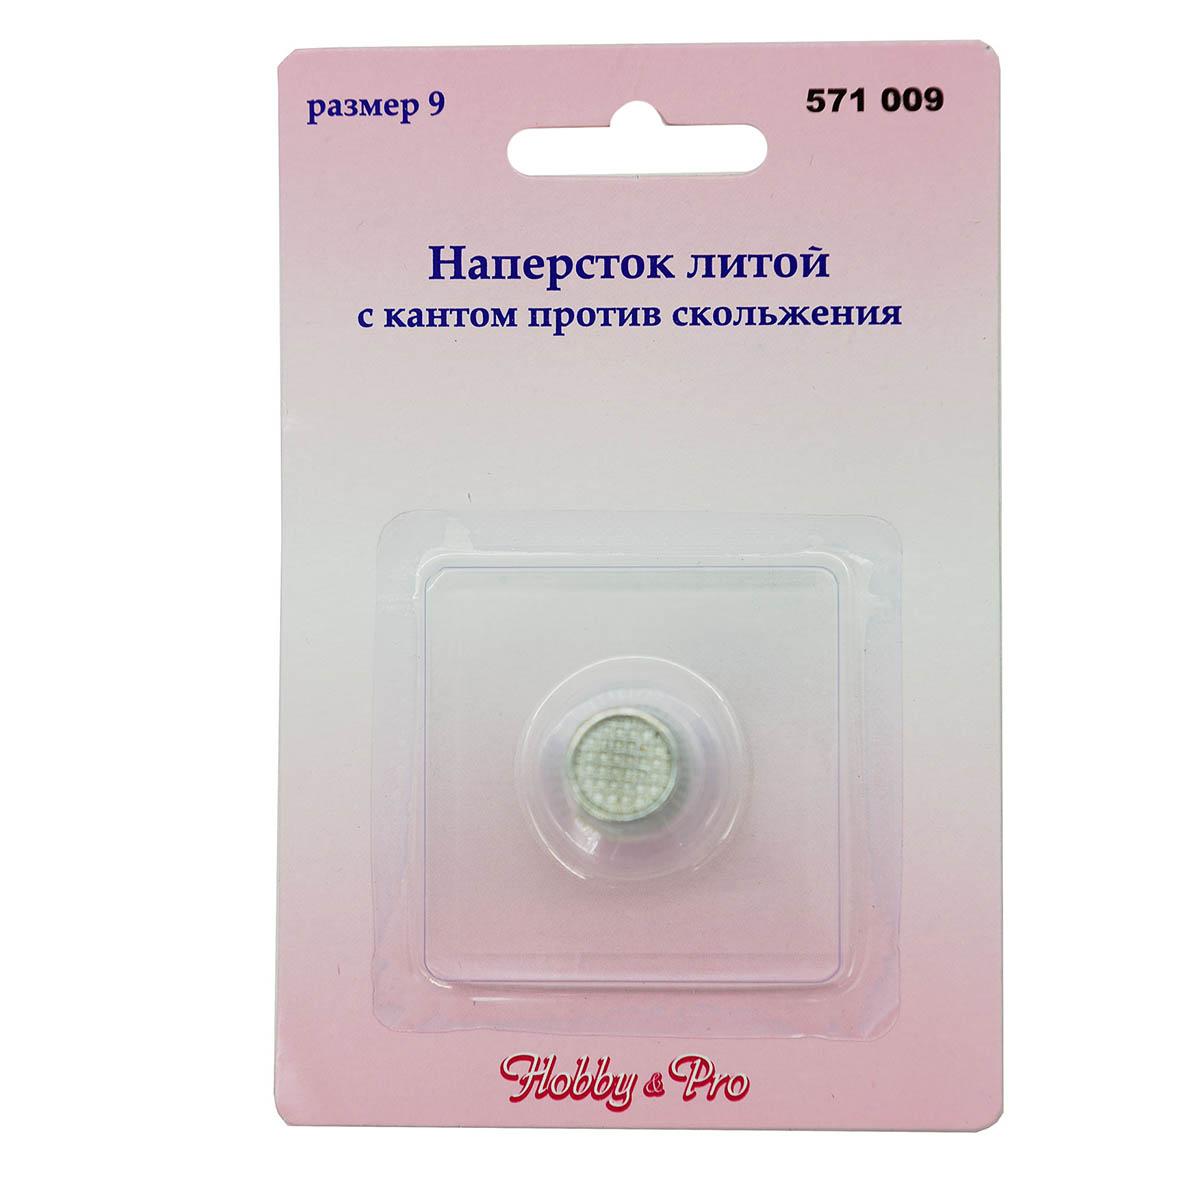 571009 Наперсток литой с кантом против скольжения №9, Hobby&Pro